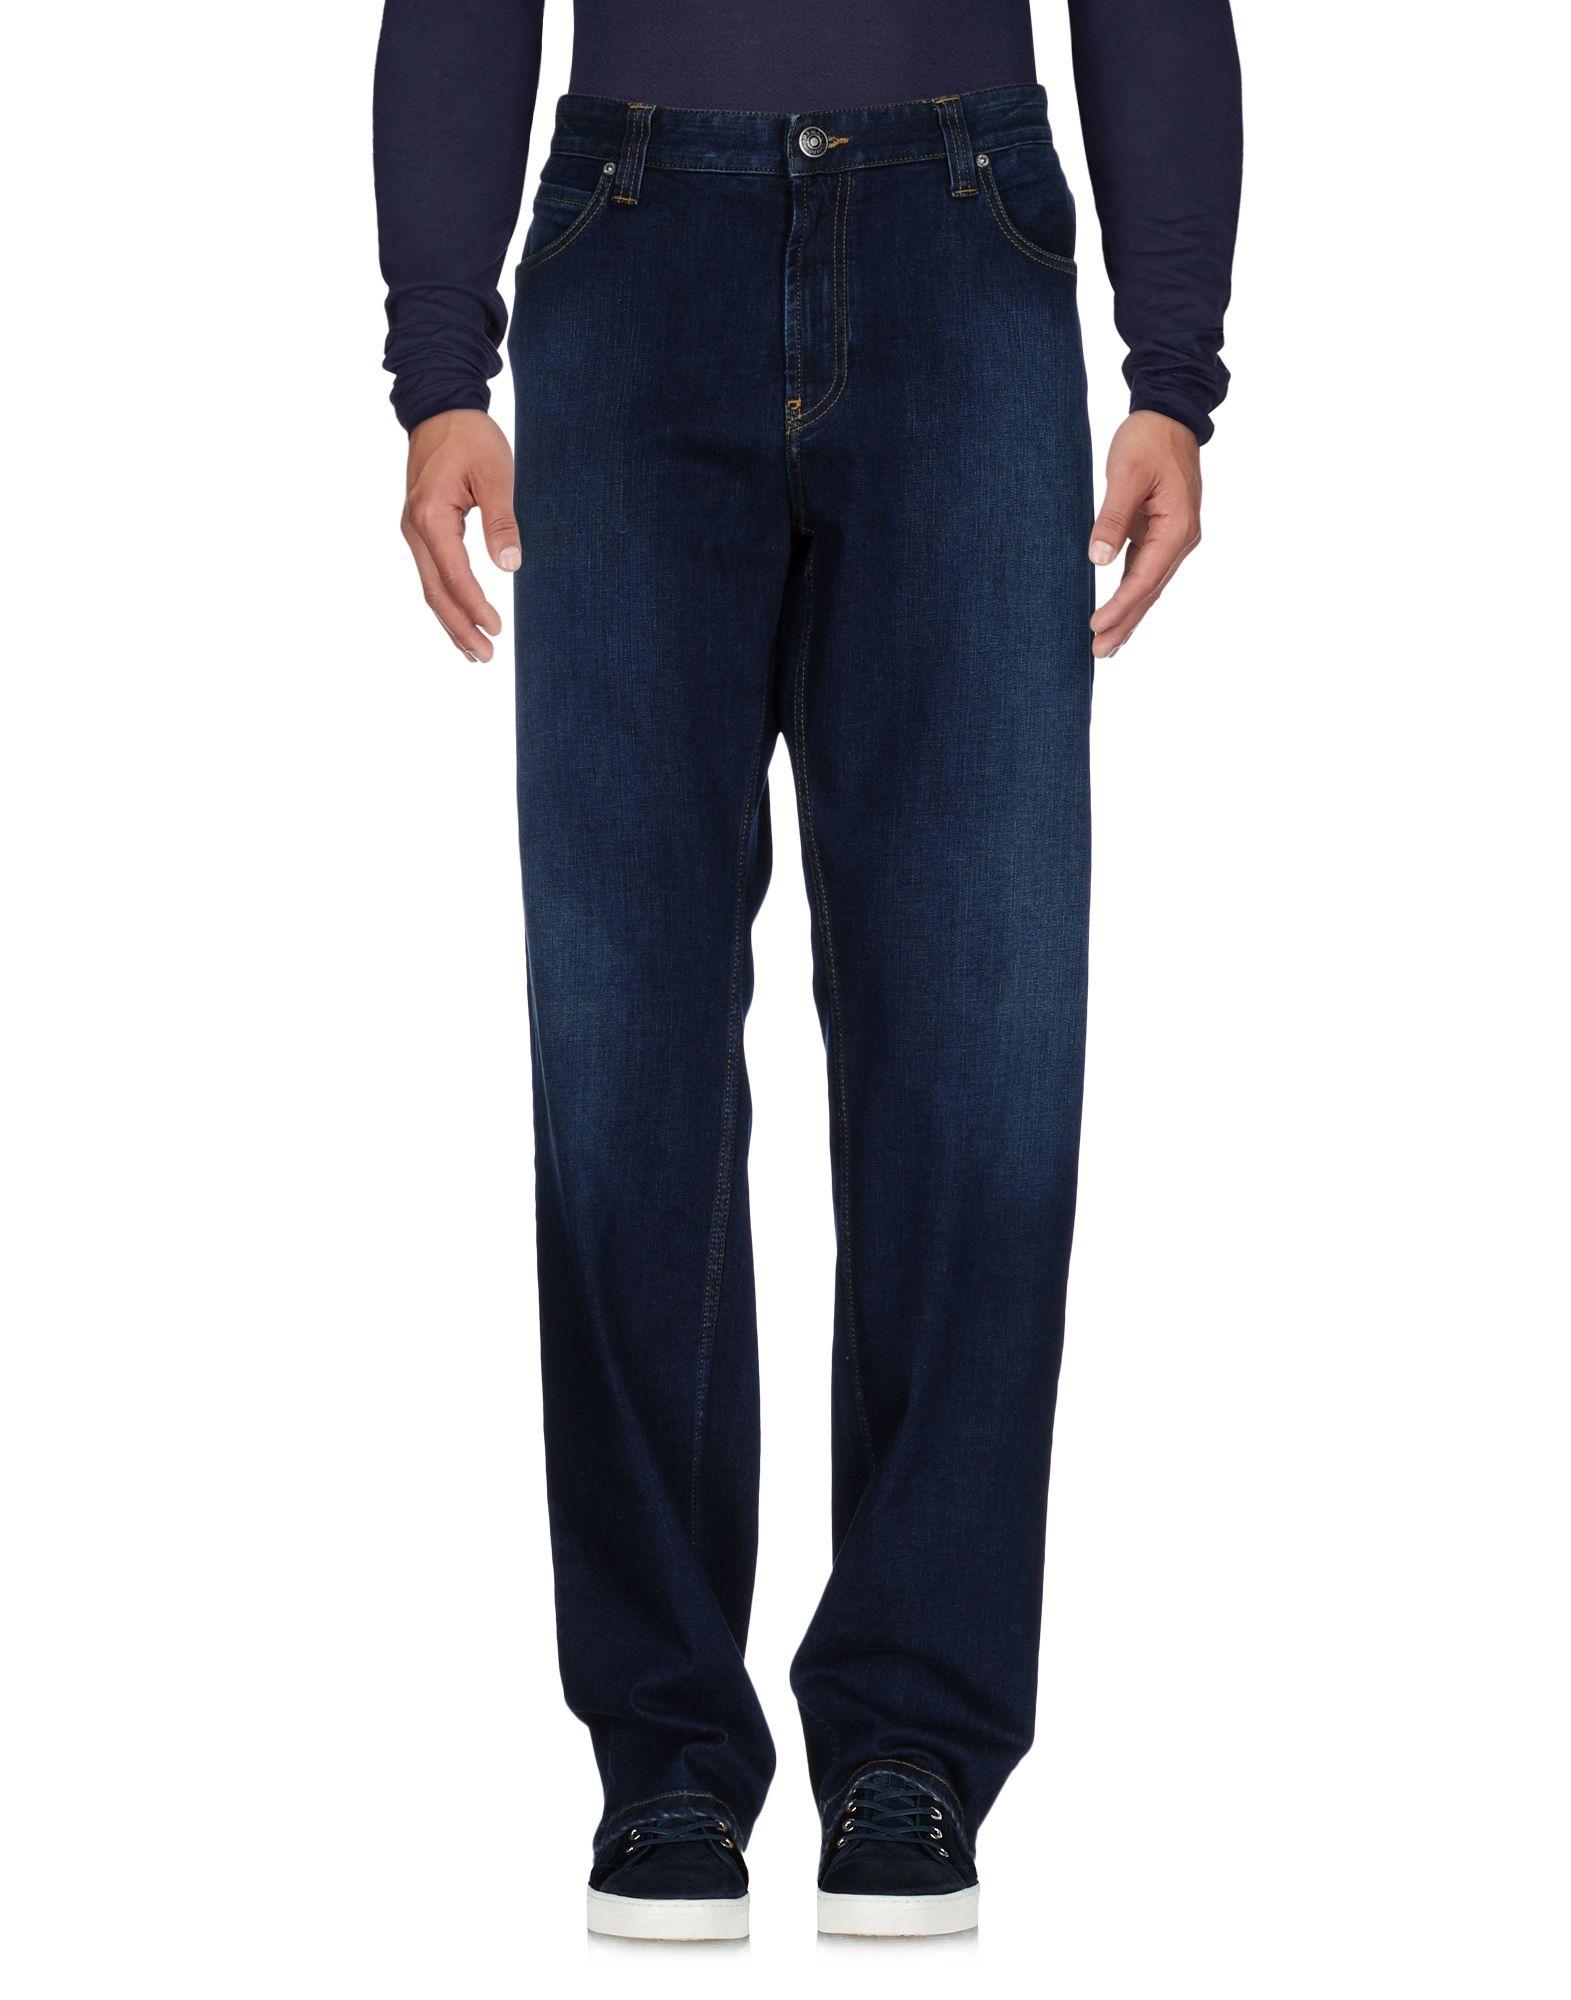 цены на ARMANI COLLEZIONI Джинсовые брюки в интернет-магазинах